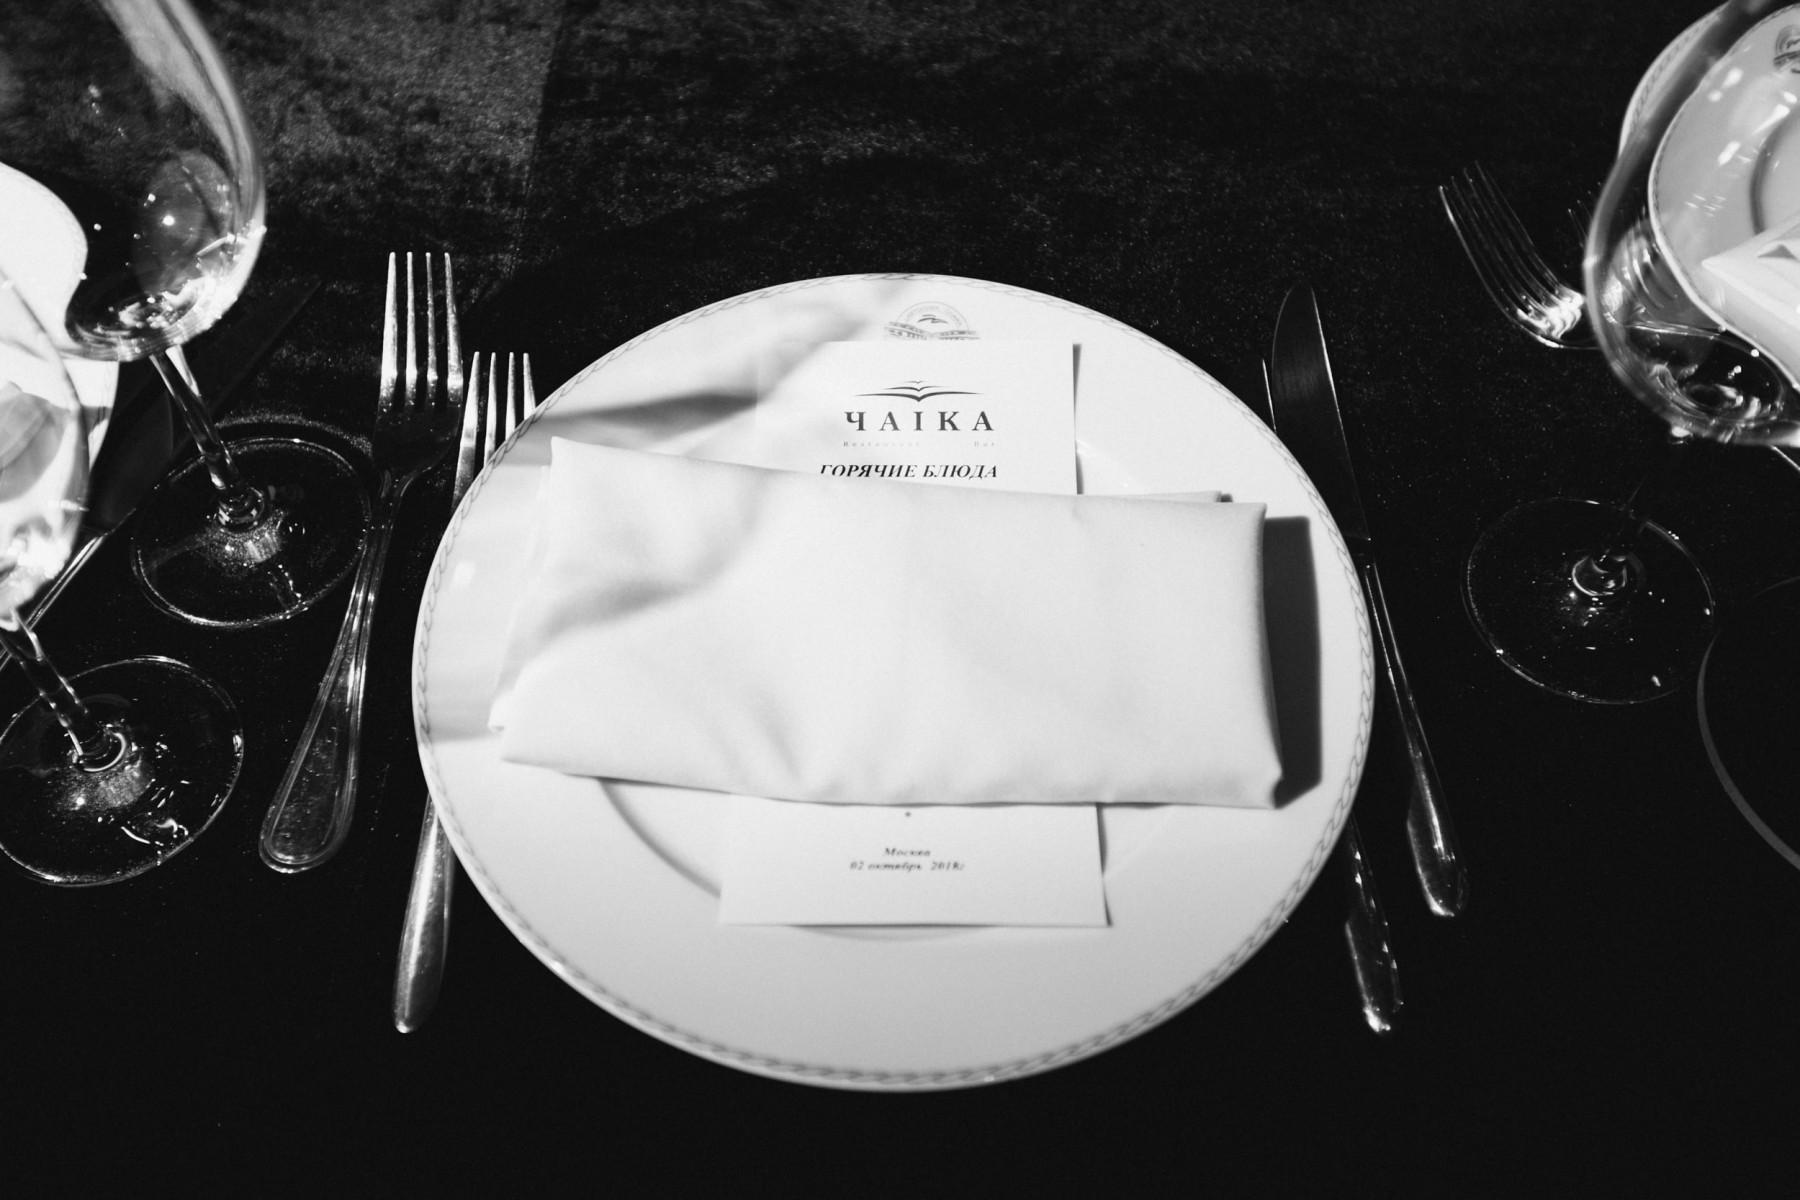 Ресторан-теплоход: интервью с представителем легендарной «Чайки»